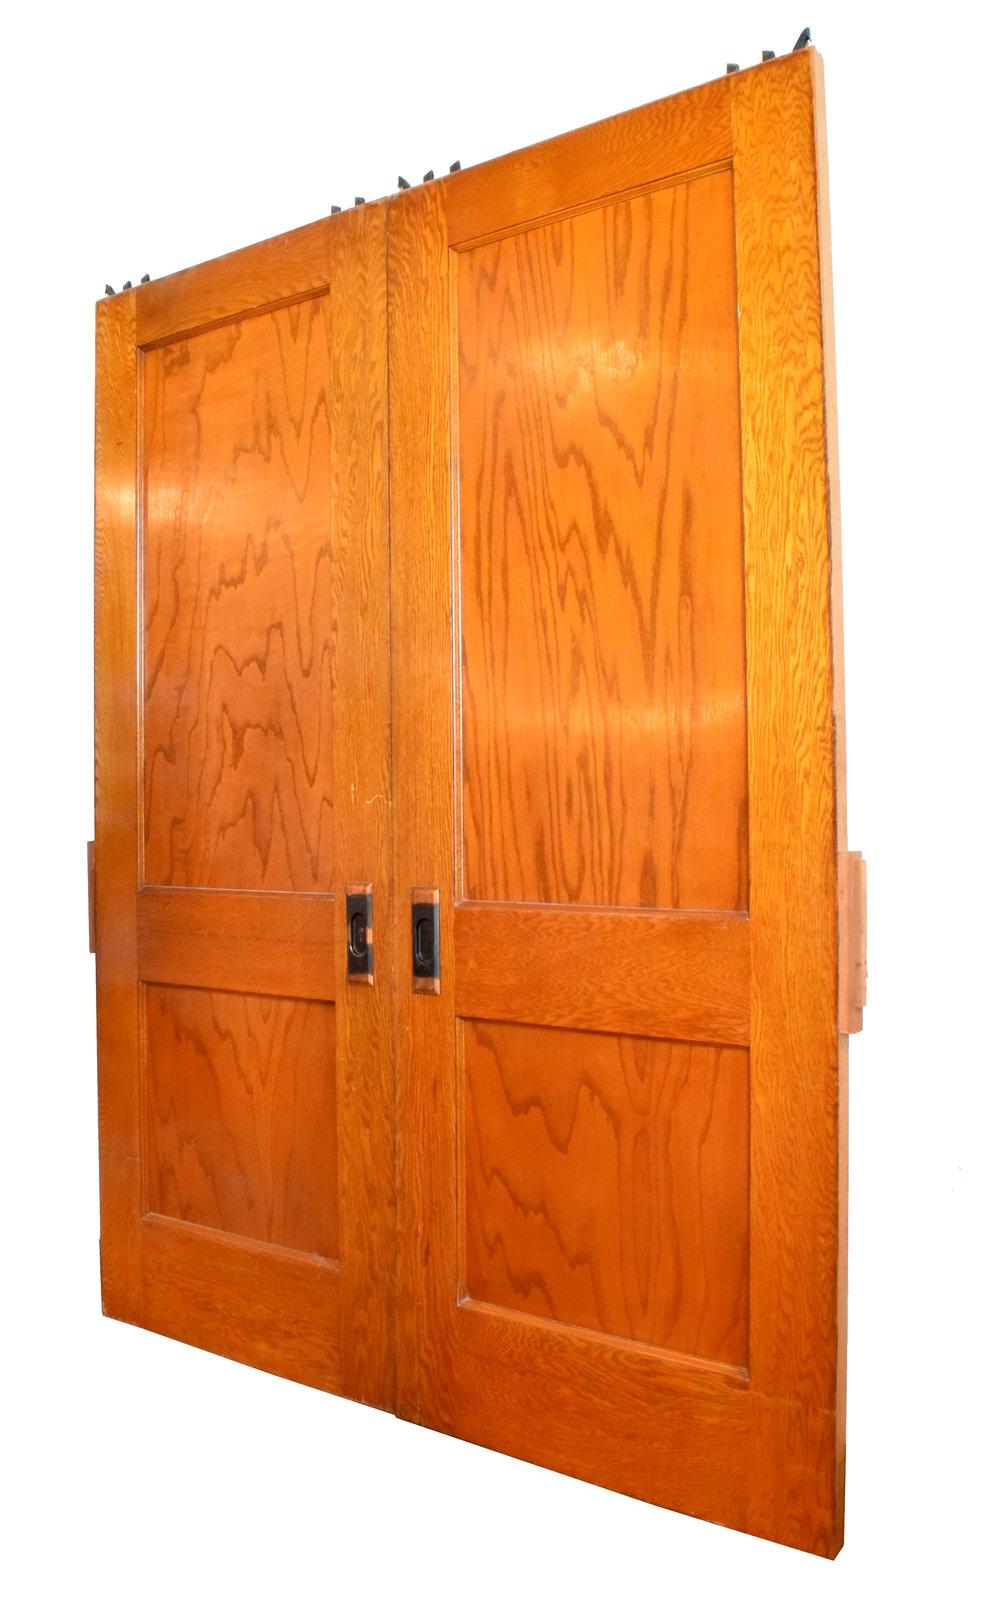 47014-pocket-door-angle-view.jpg